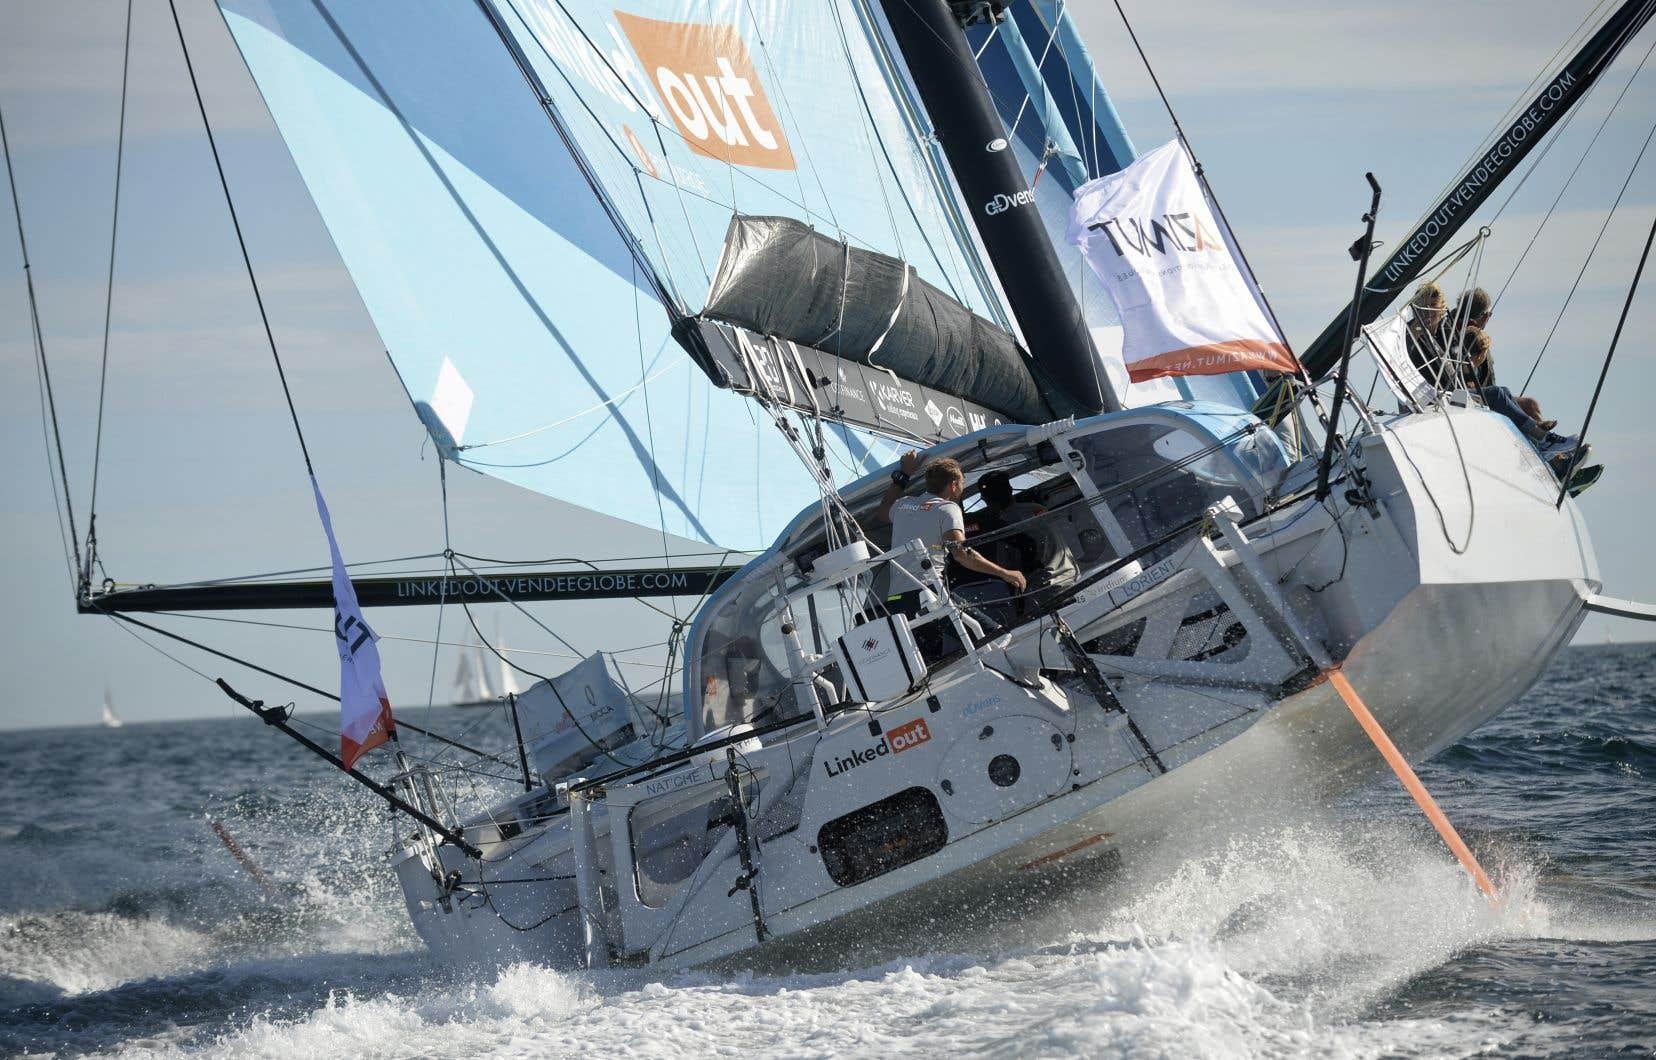 Dans l'Atlantique Sud, au large du Brésil, cap vers la pointe sud de l'Afrique, Ruyant conserve la tête de la flotte, 22,6 milles devant Dalin.